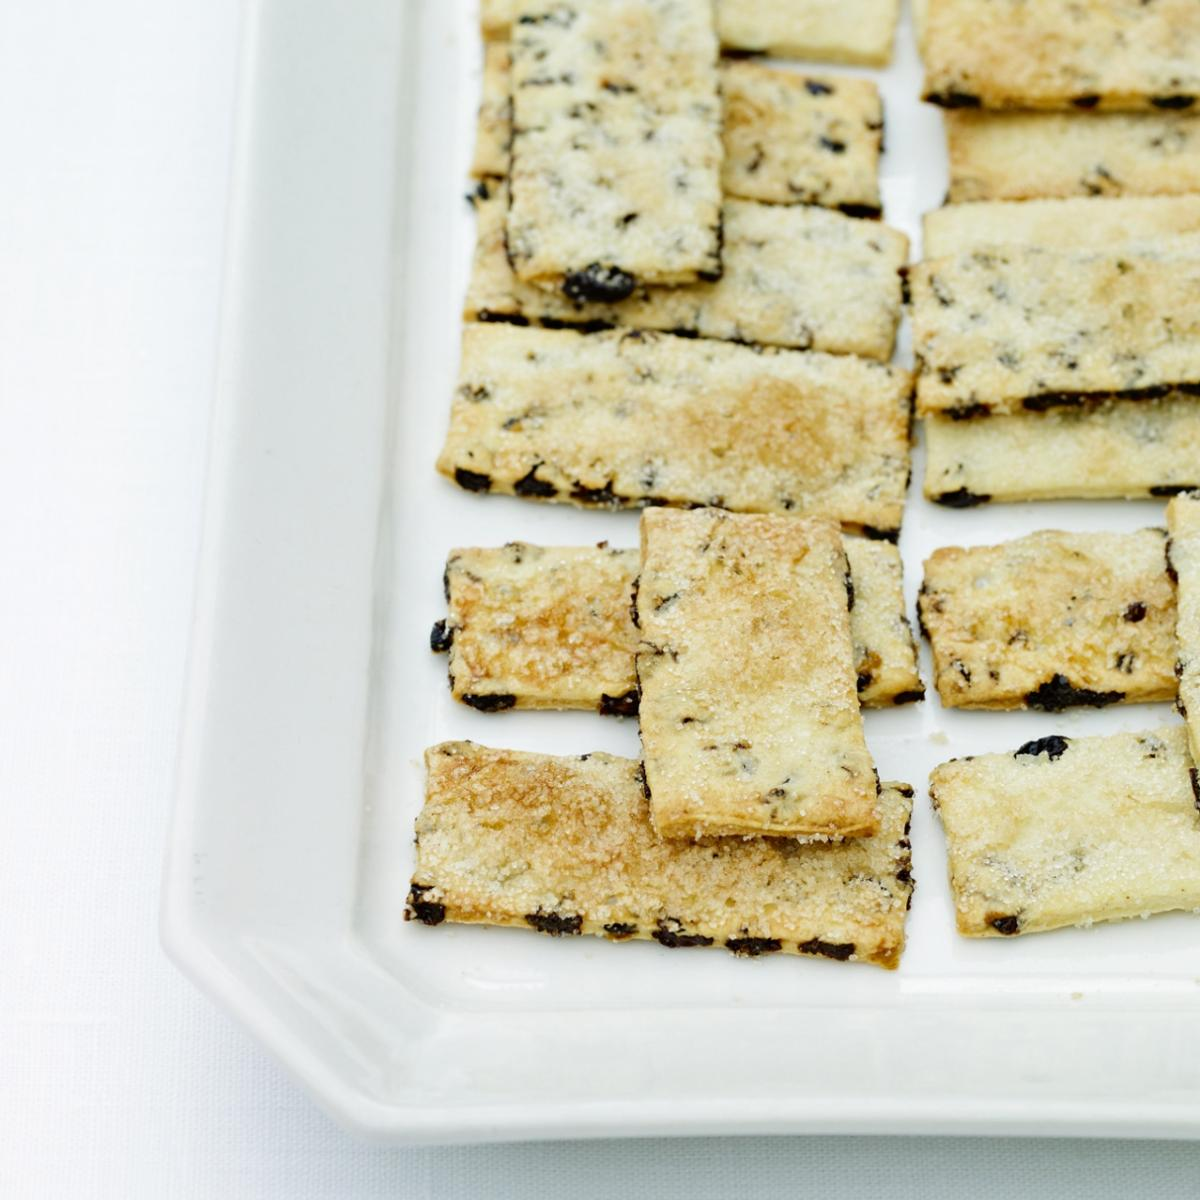 Cakes garibaldi biscuits